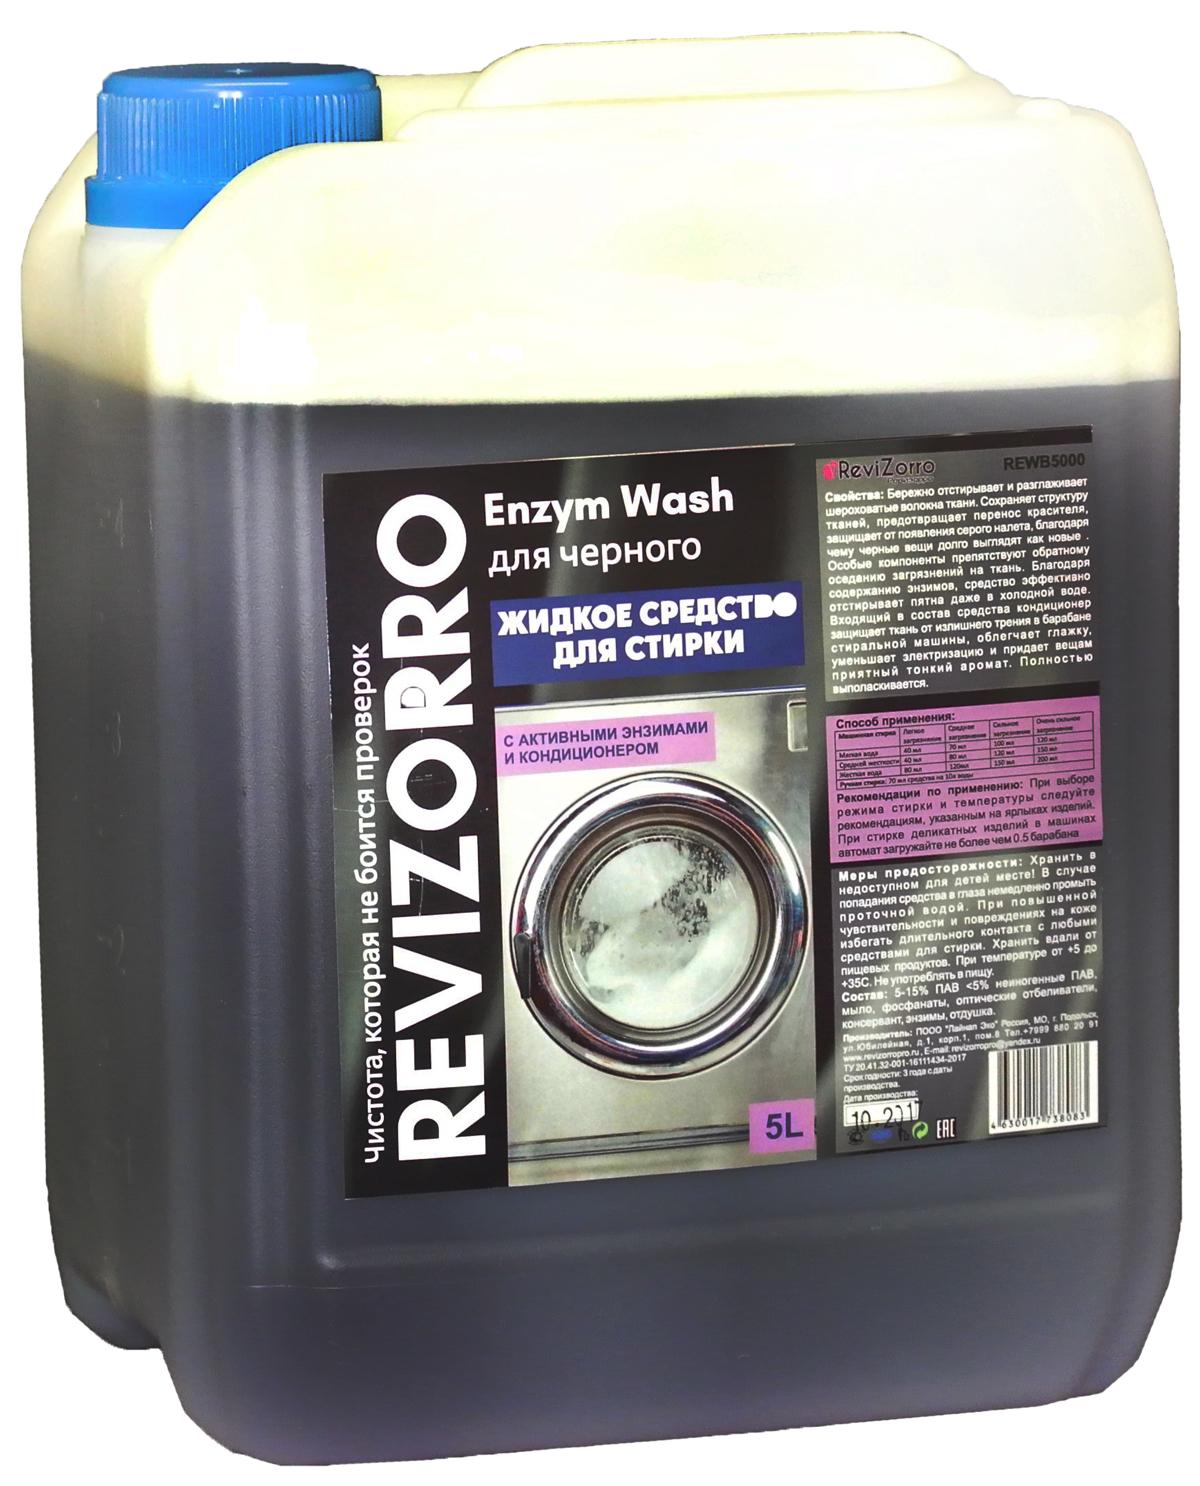 Жидкое средство для стирки Ревизорро  Enzym Wash , для черного белья, 5 л -  Бытовая химия